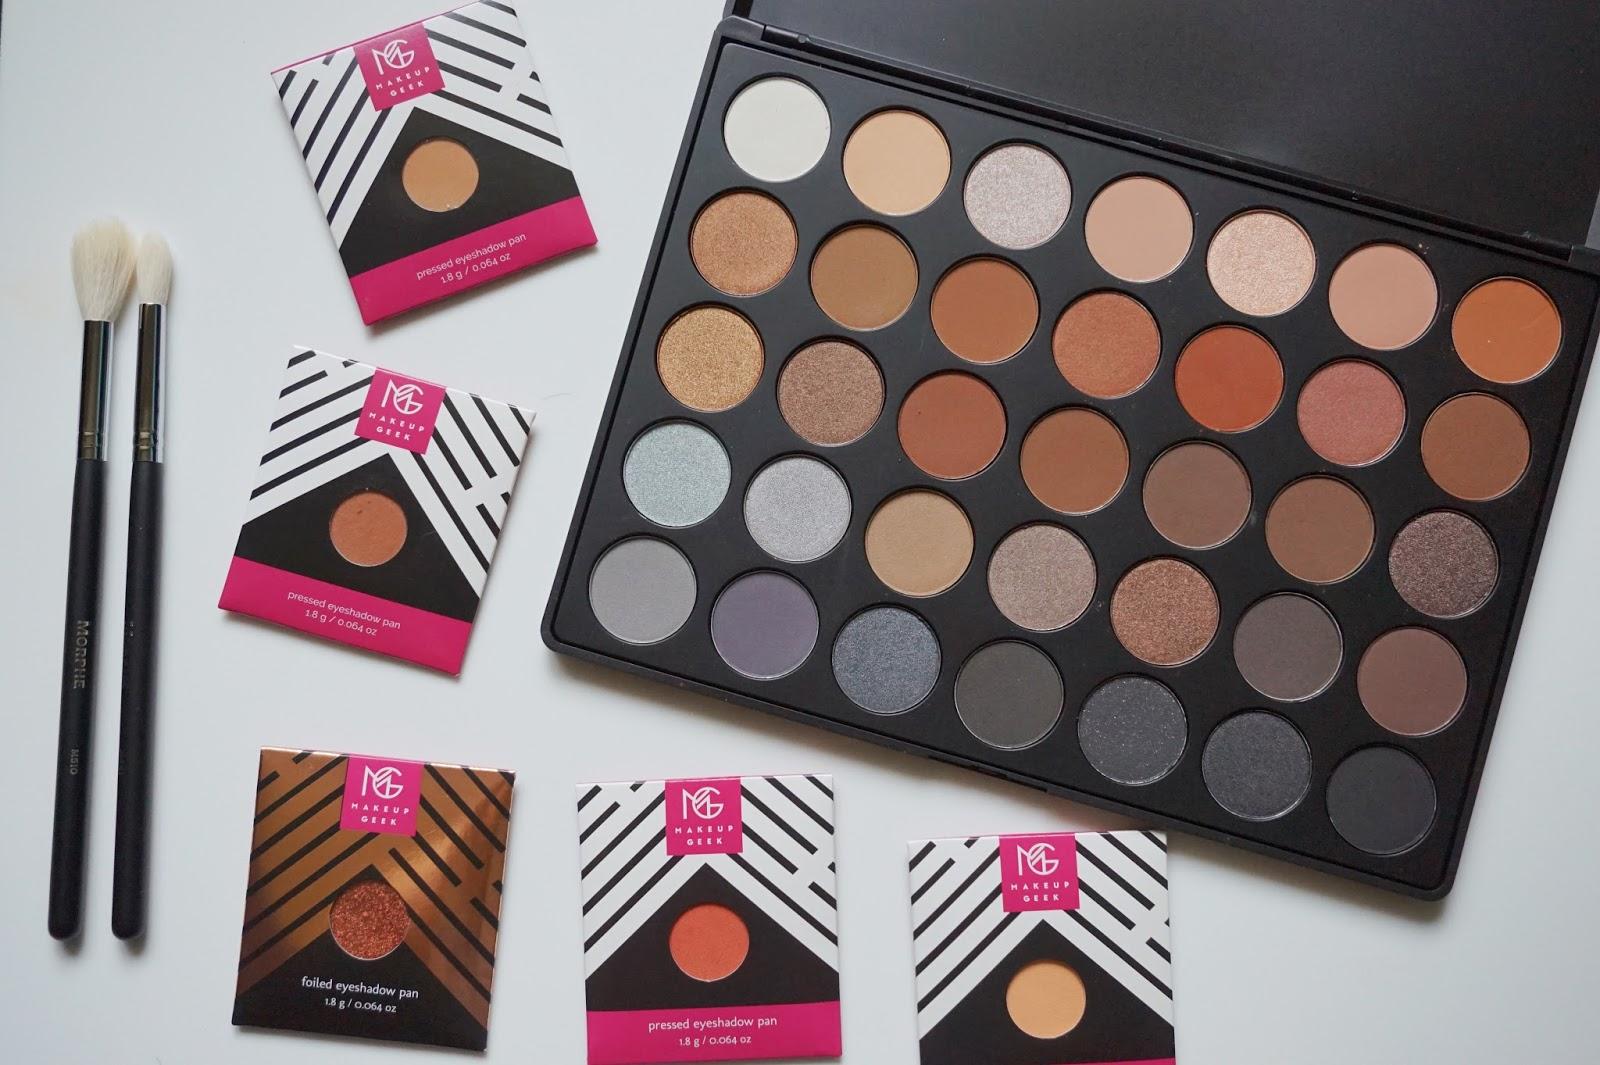 Morphe 35K palette, Makeup Geek Eyeshadows